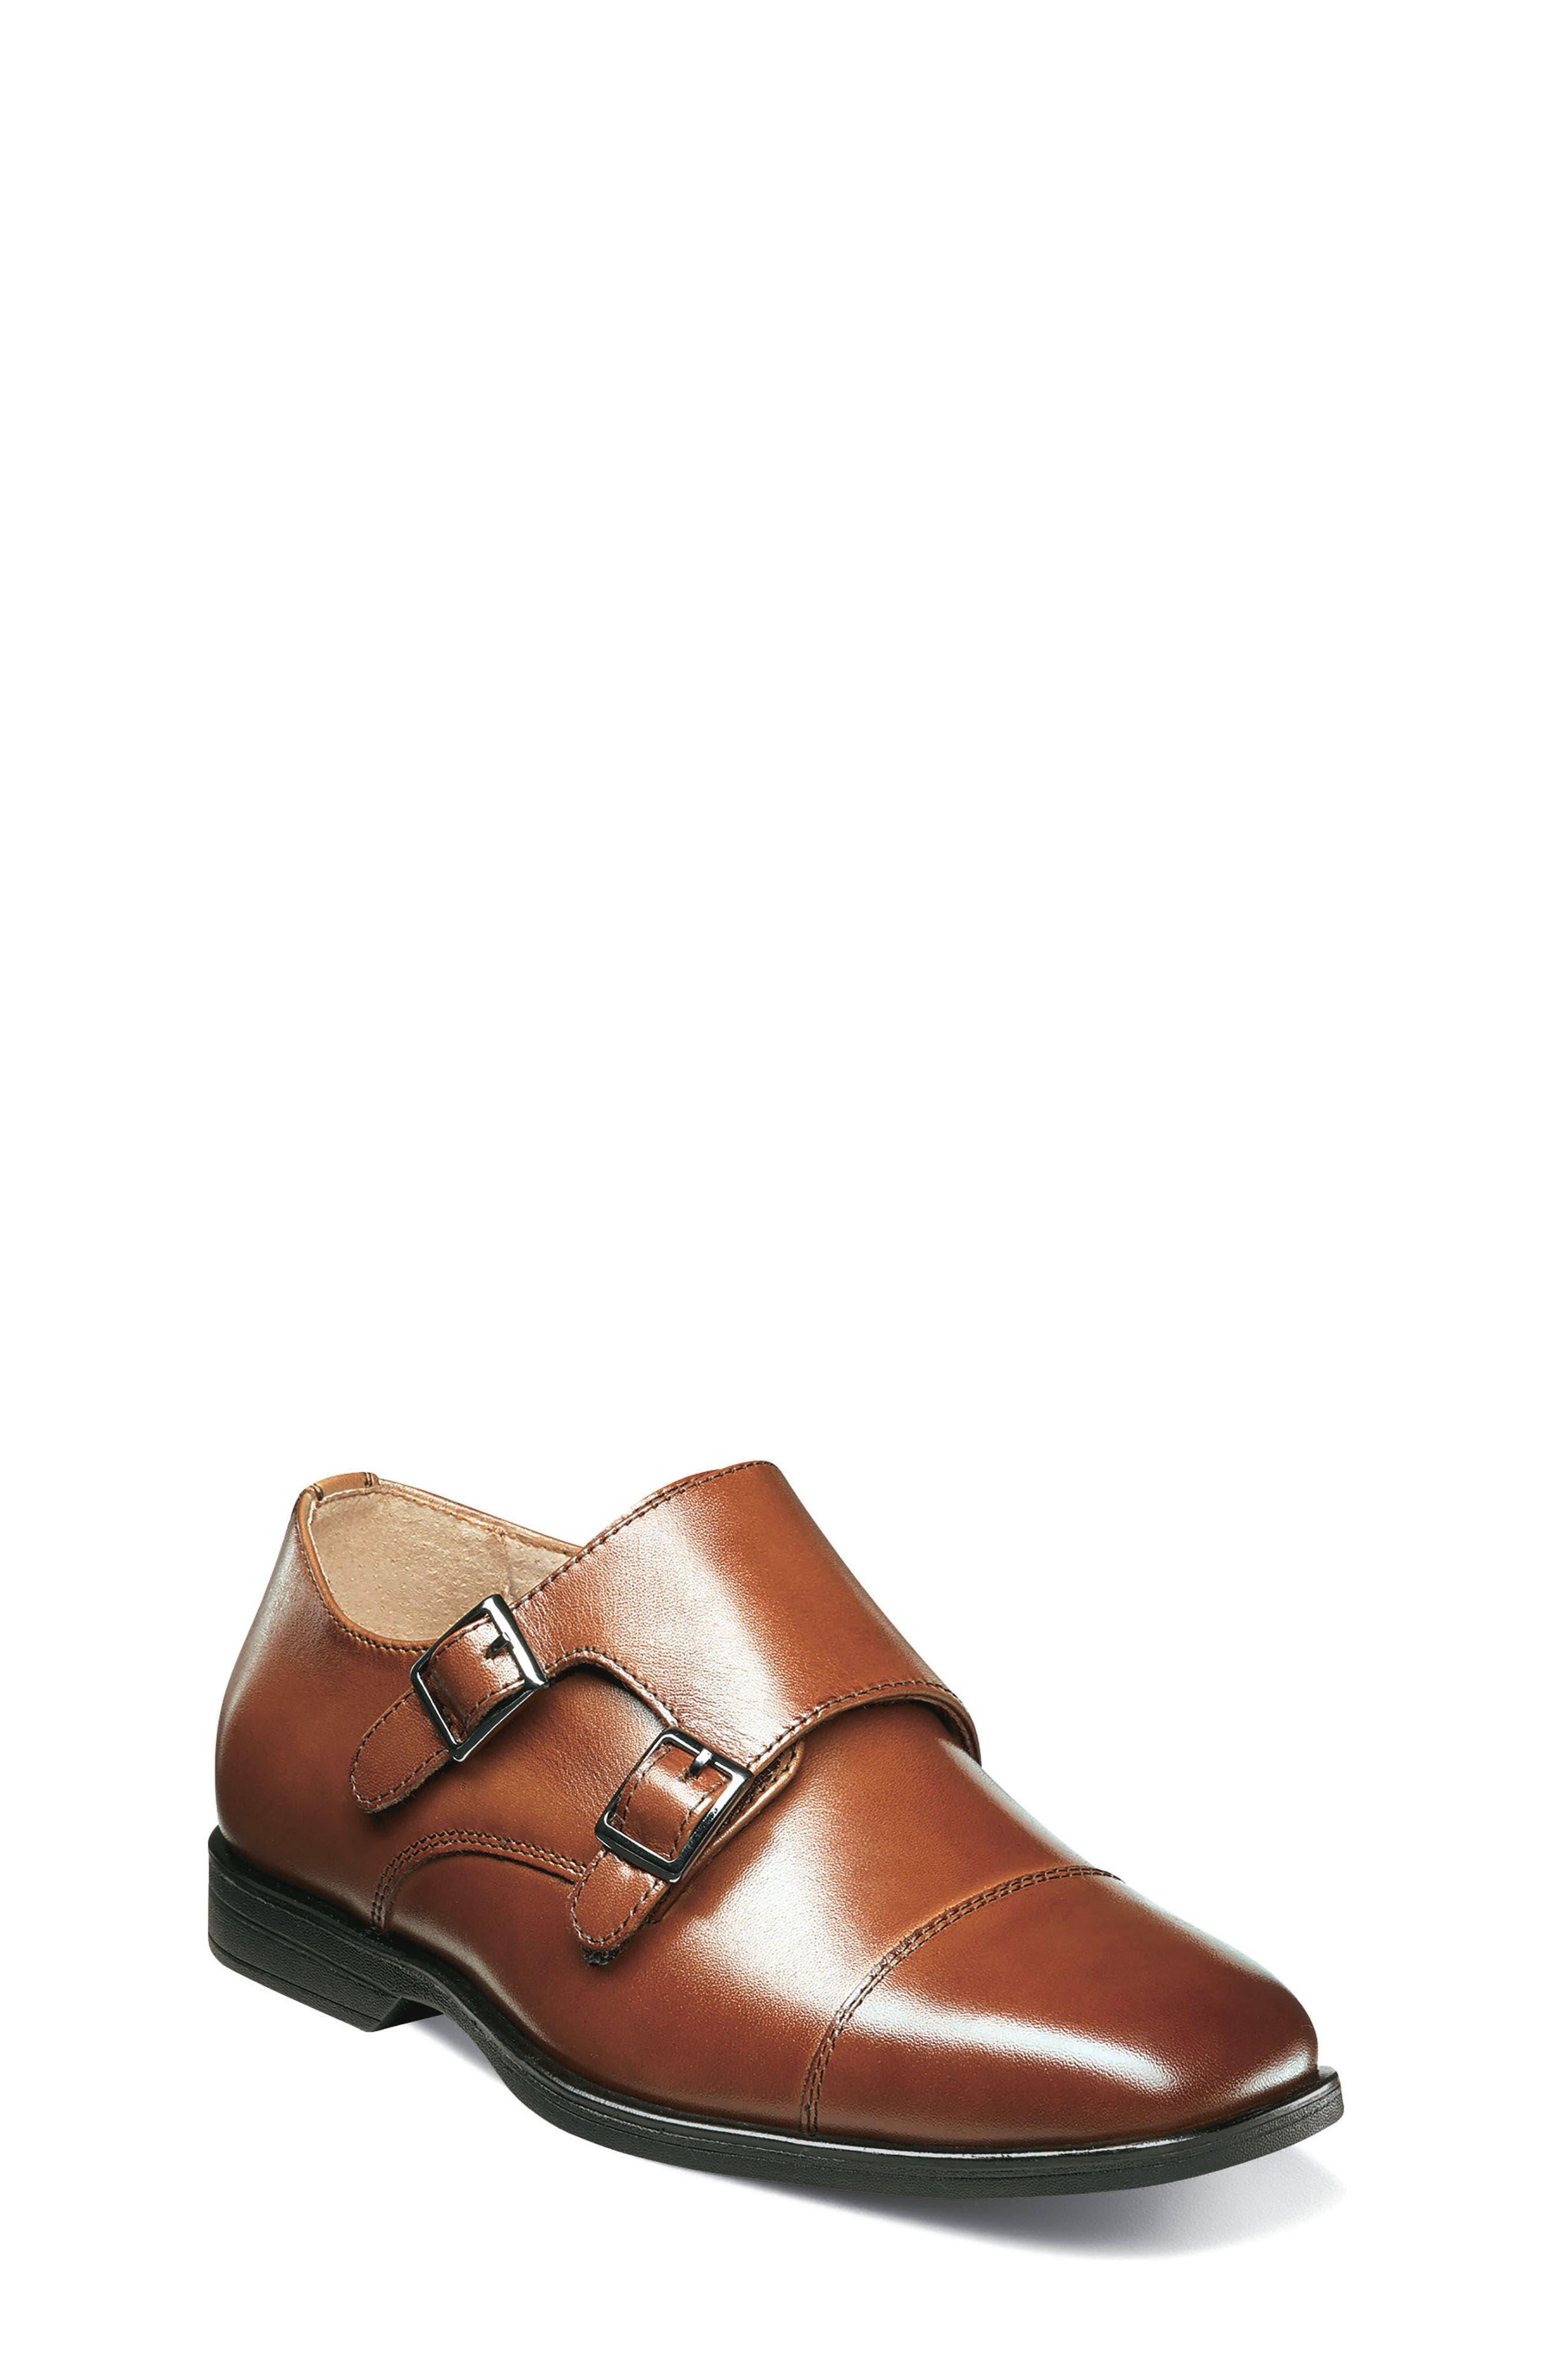 Reveal Double Monk Strap Shoe,                             Main thumbnail 1, color,                             COGNAC LEATHER